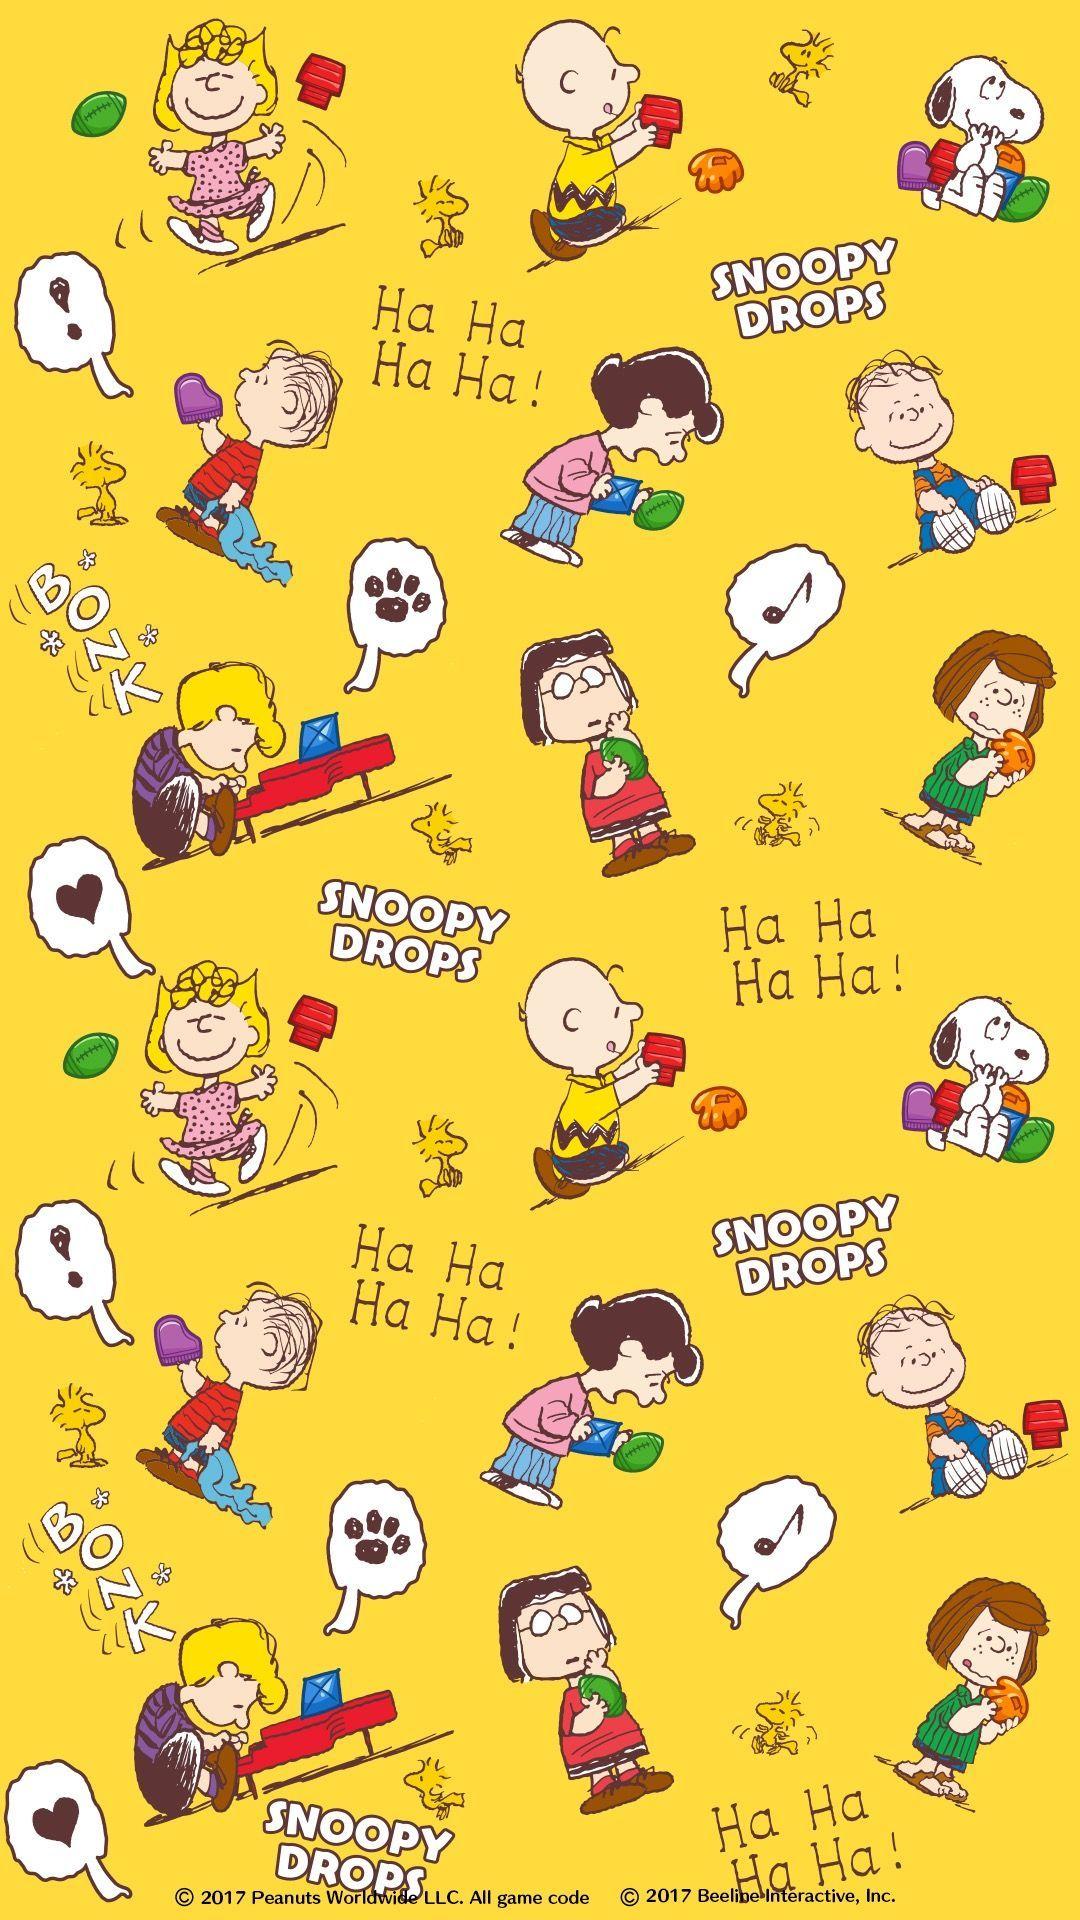 Snoopy おしゃれまとめの人気アイデア Pinterest Artcriacoes スヌーピーの壁紙 スヌーピー カレンダー スヌーピー イラスト